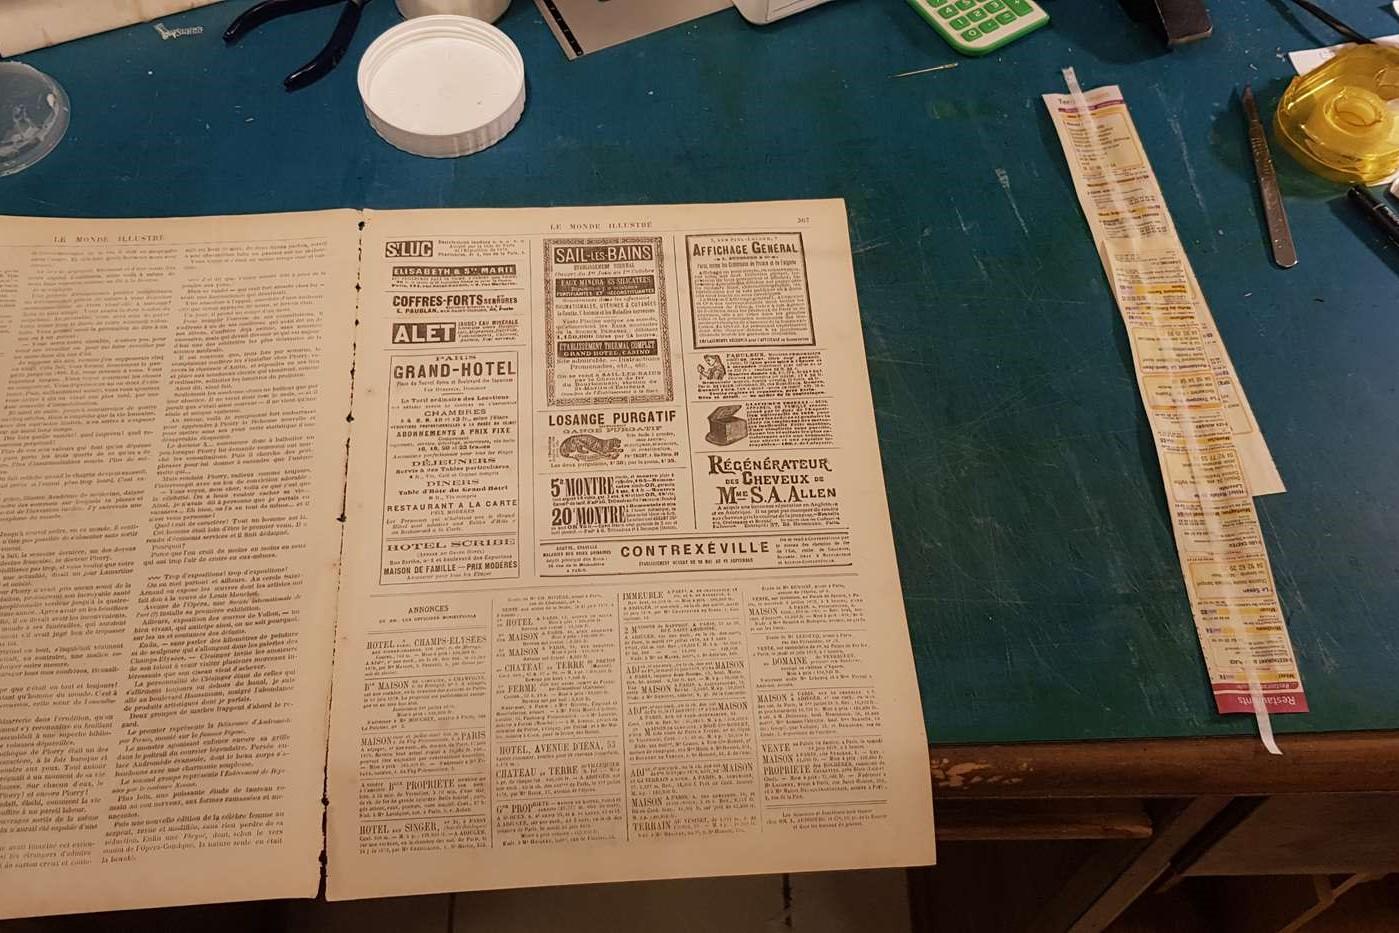 réparation fond de cahier le monde illustré